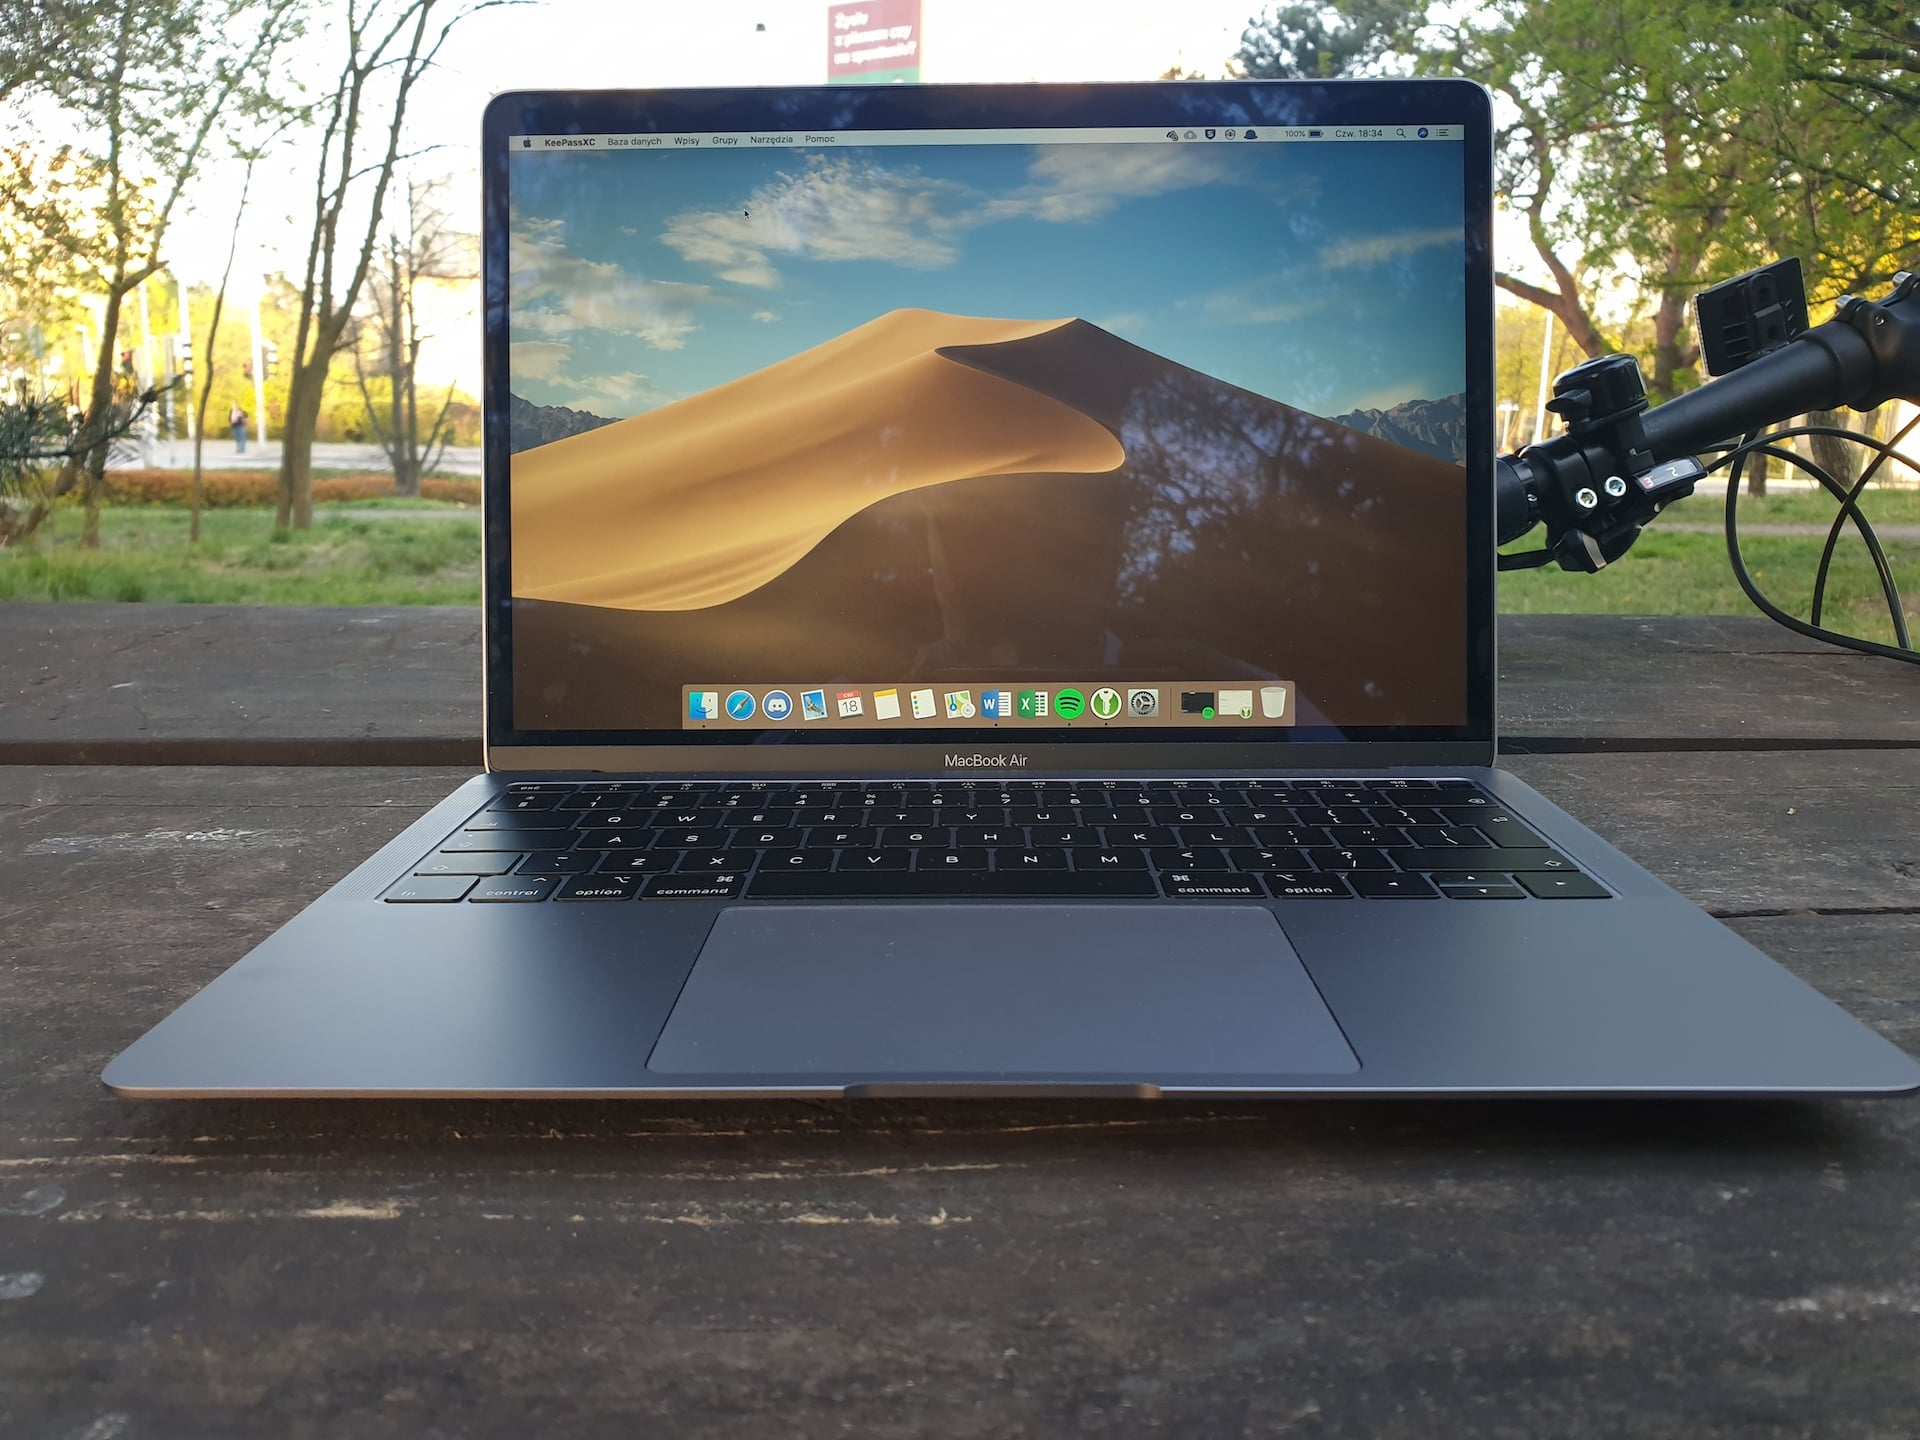 Wzbraniałem się, ale ostatecznie kupiłem MacBooka. I wiecie co? Jestem z niego bardzo zadowolony